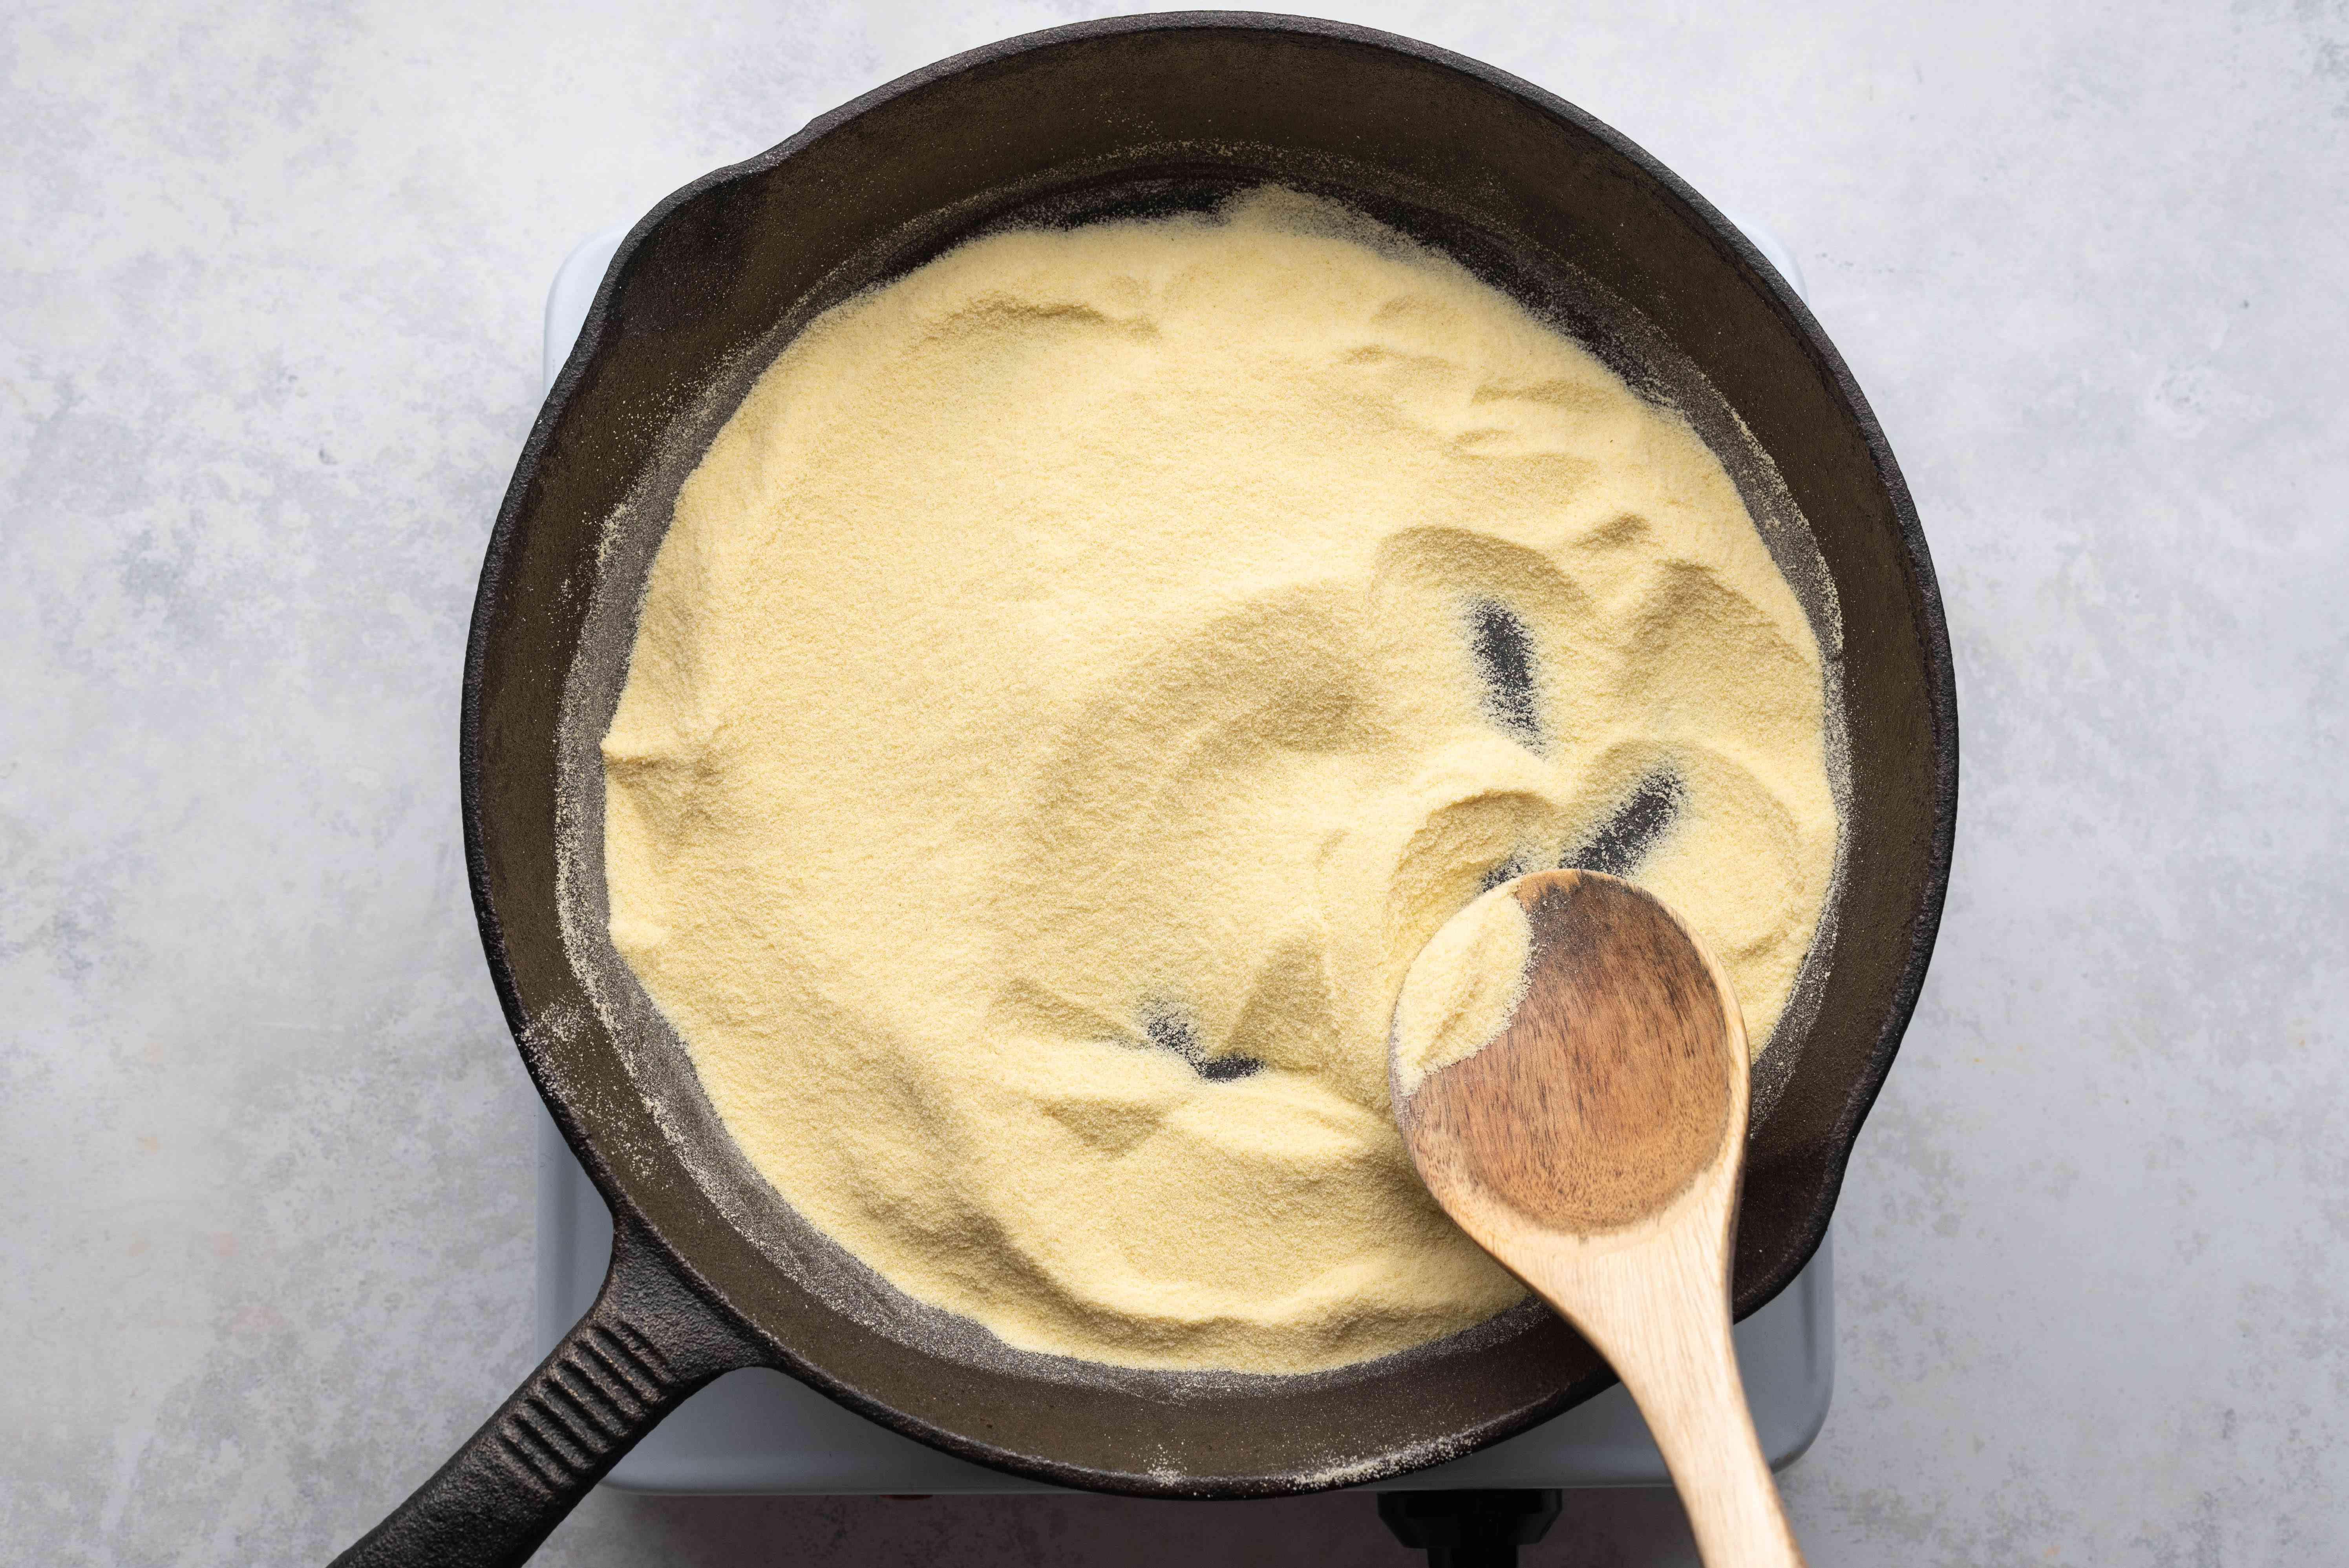 Toast semolina in a skillet